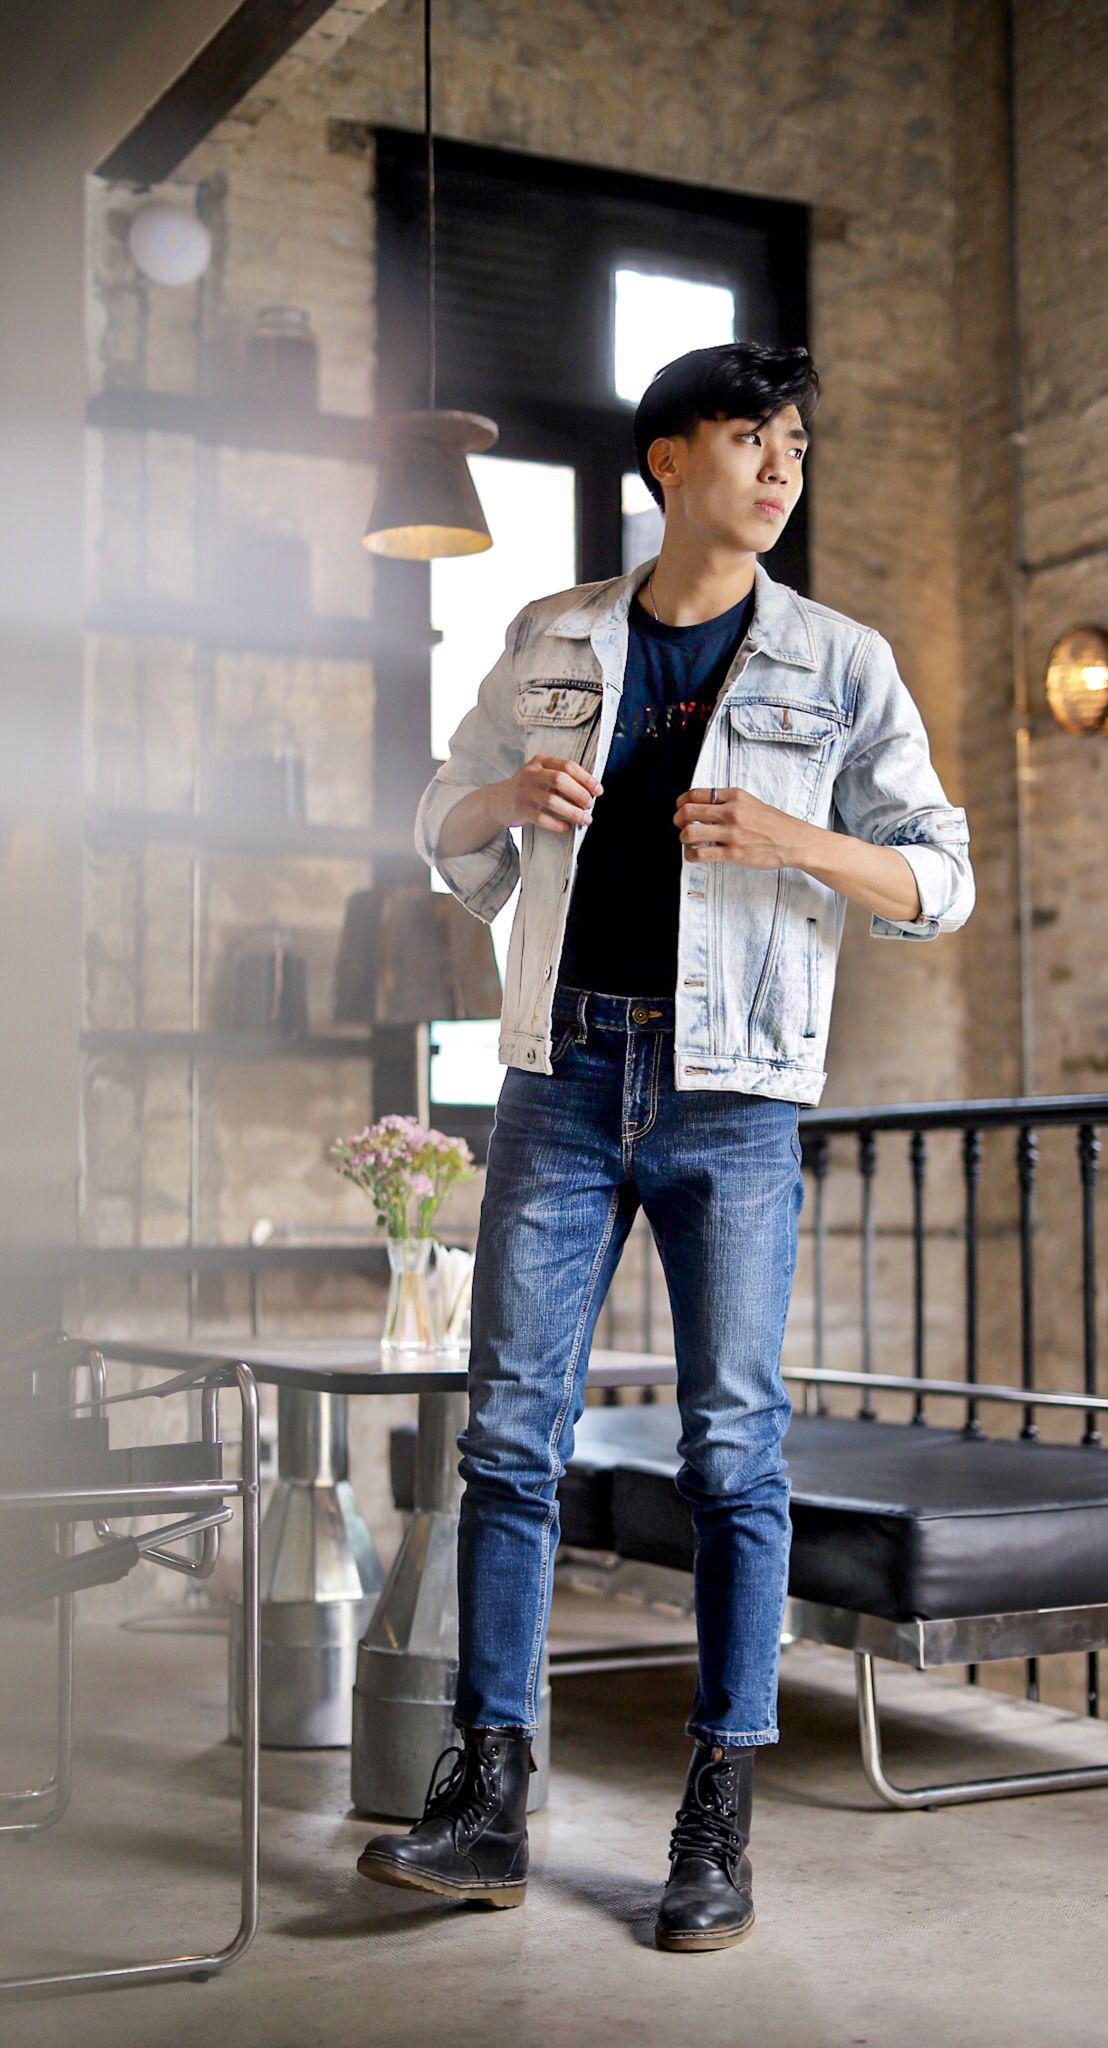 5 công thức diện jeans ton sur ton mà các cặp đôi không thể bỏ qua - Ảnh 2.